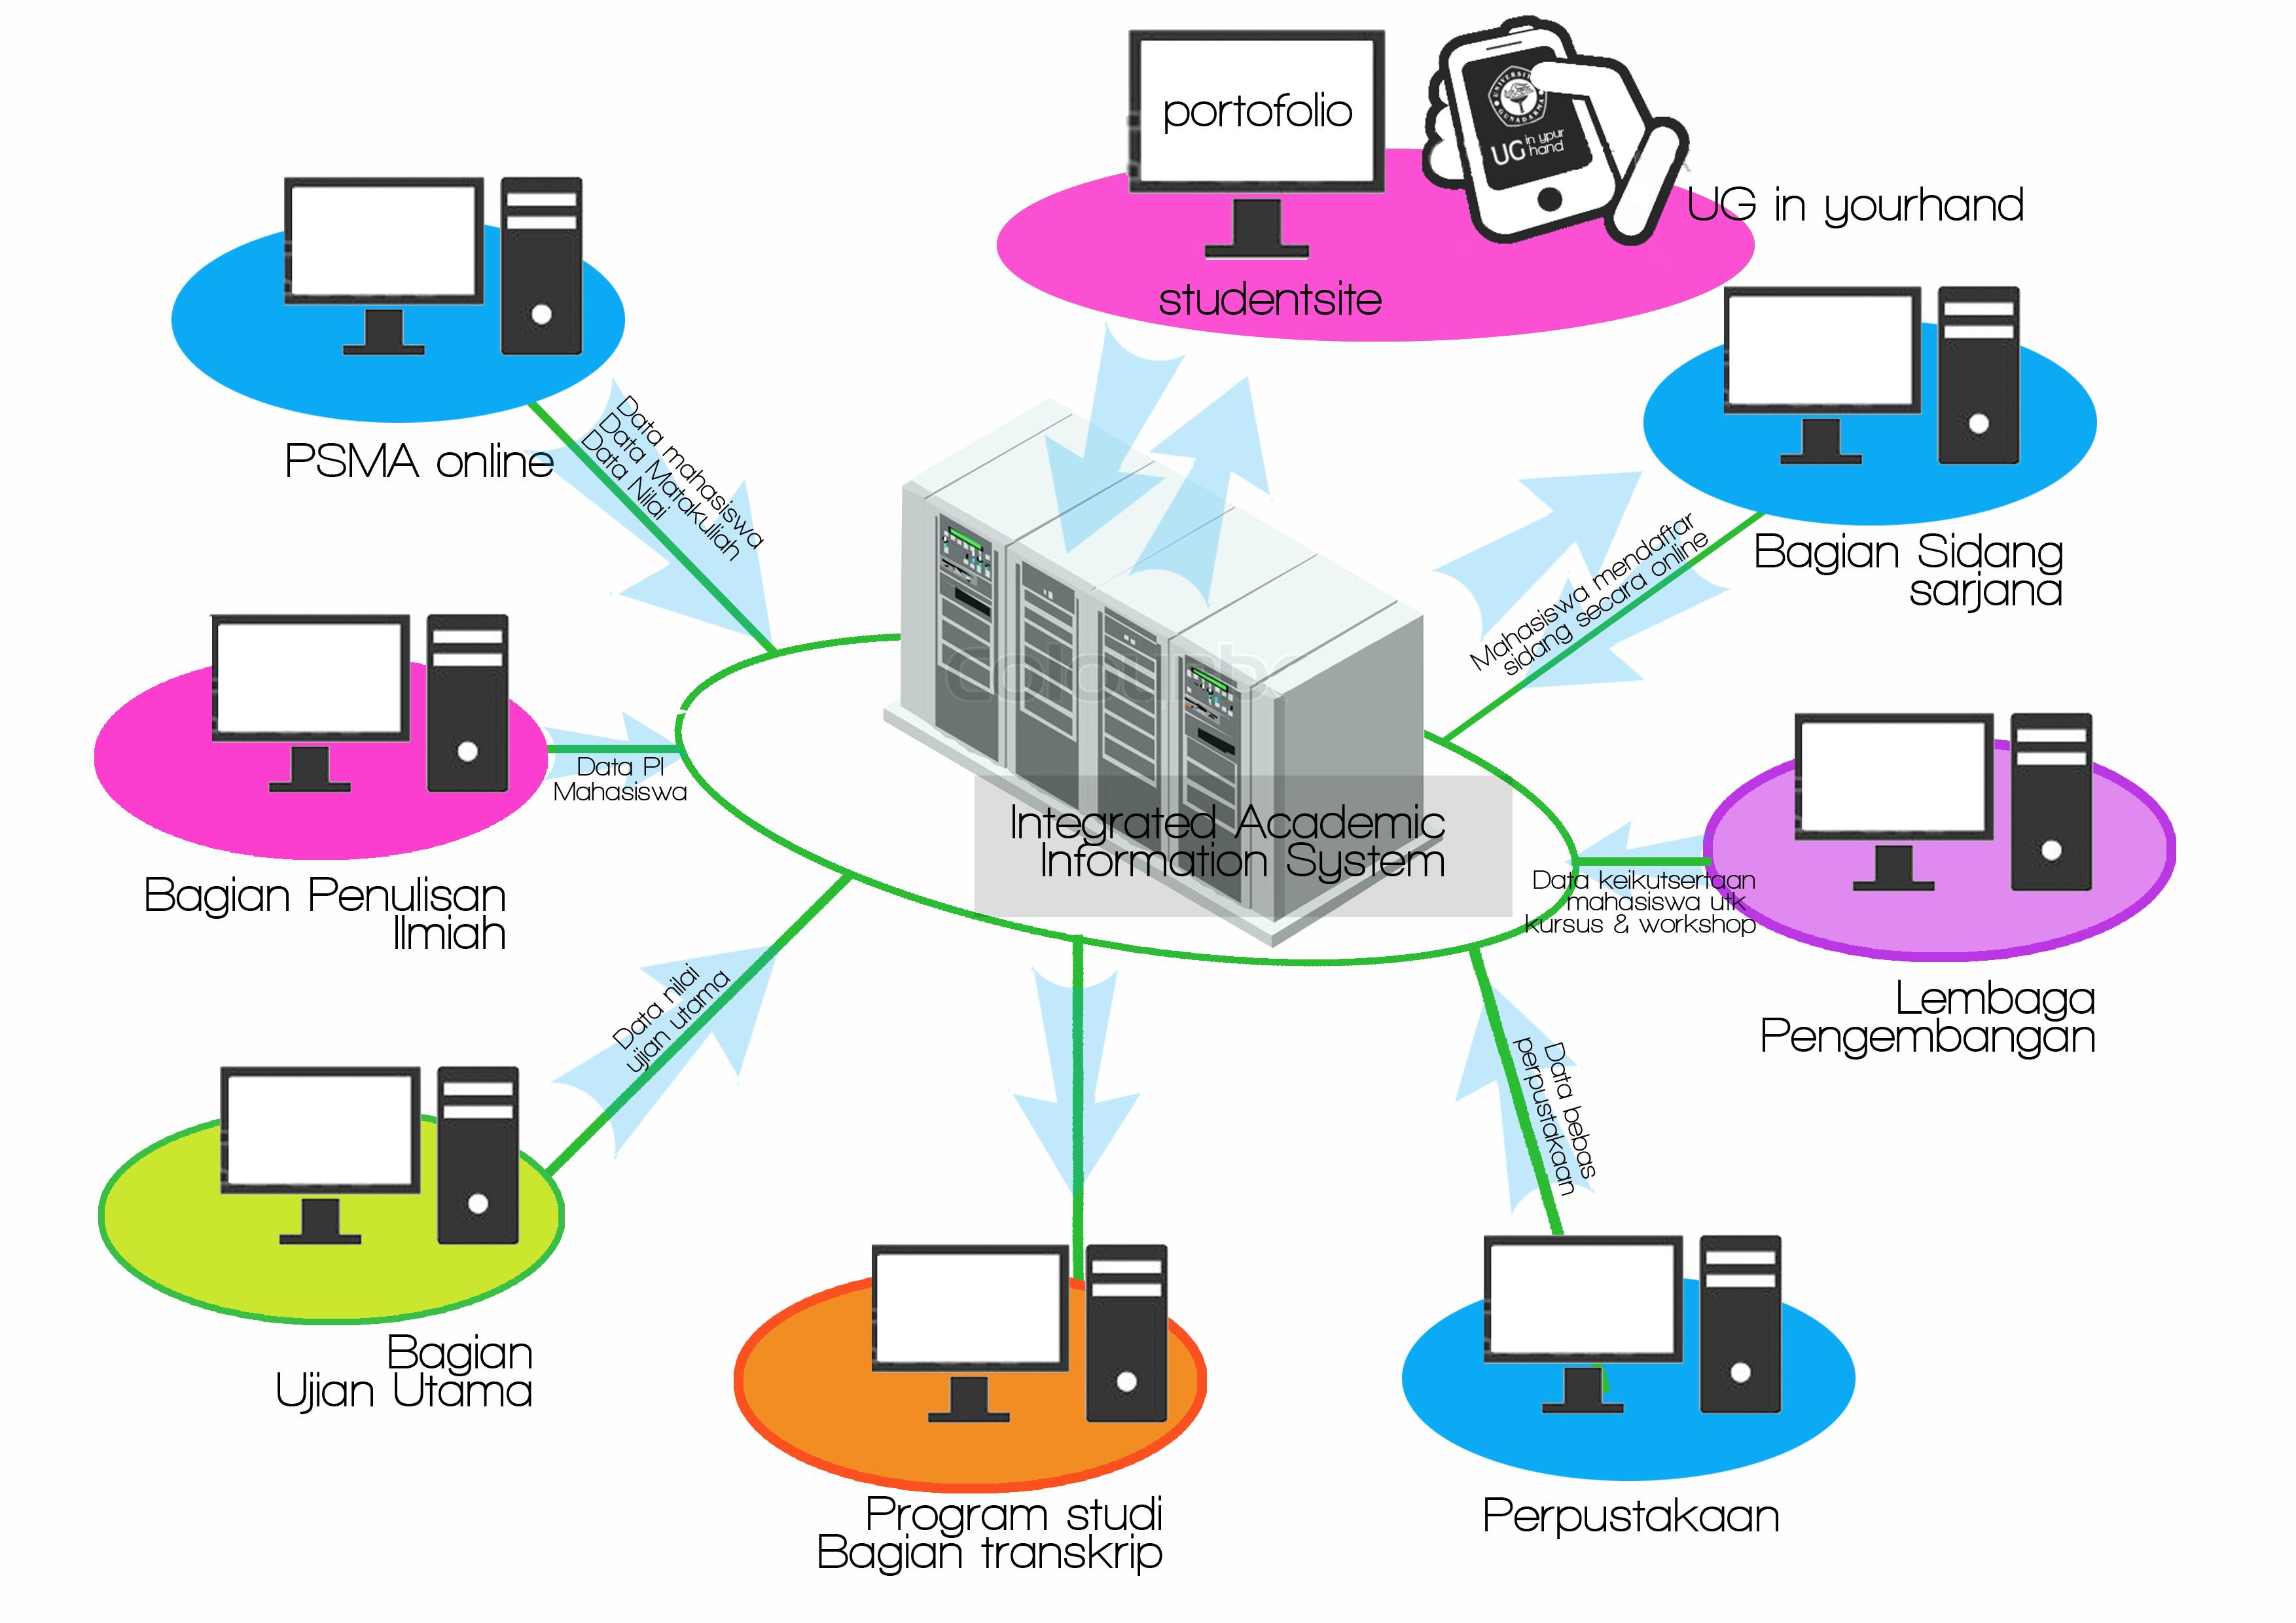 Sistem Aplikasi Informasi Akademik Dan Portofolio Layanan Rmasi Network Copy